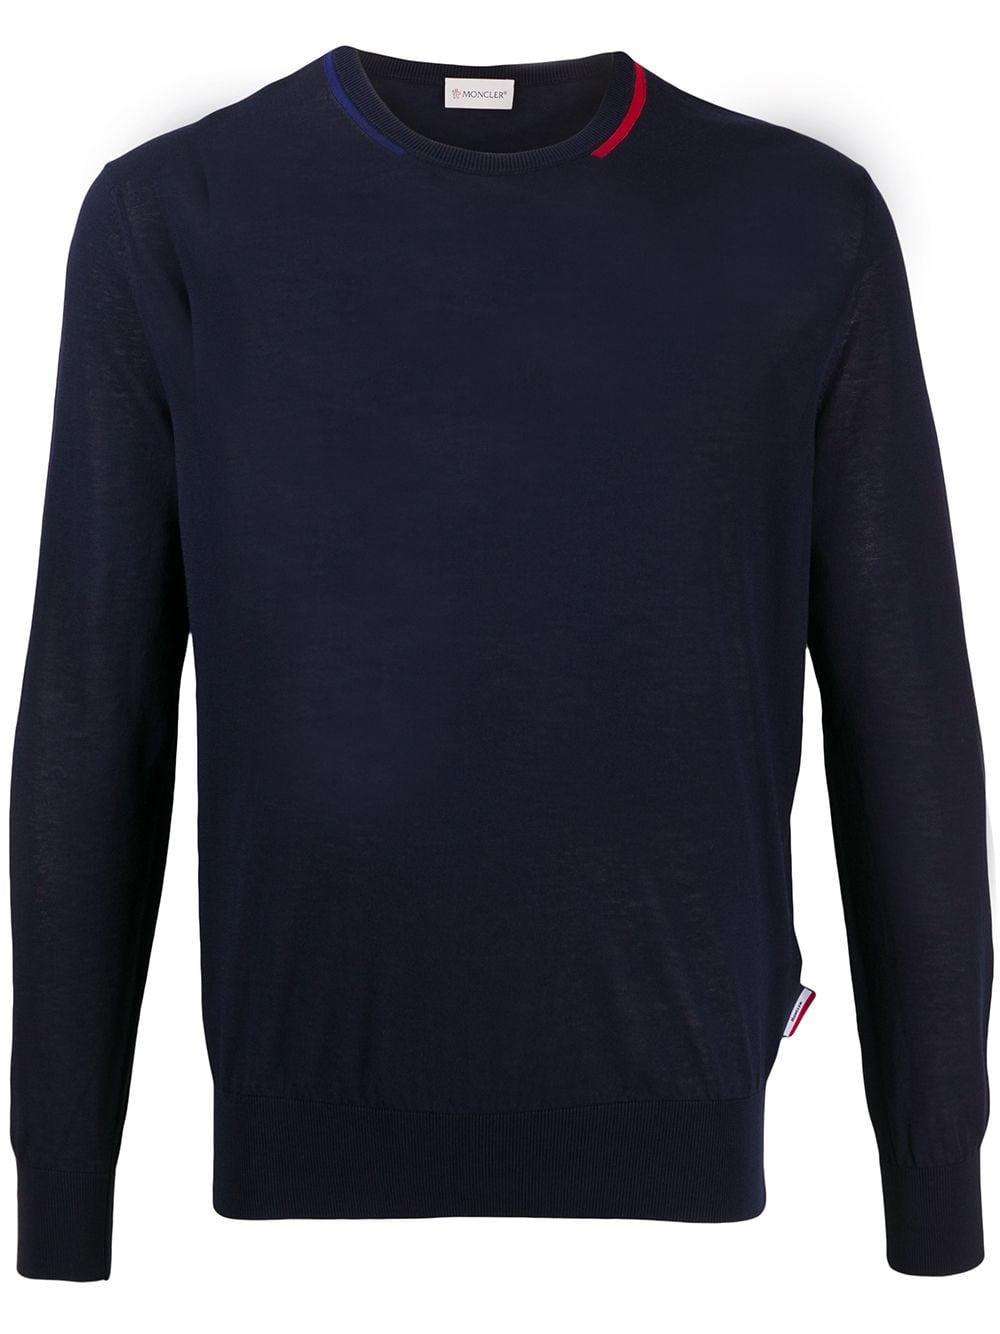 maglione leggero blu scuro con dettagli rossi a contrasto MONCLER | Maglieria Moda | 9C709-00-V9121779